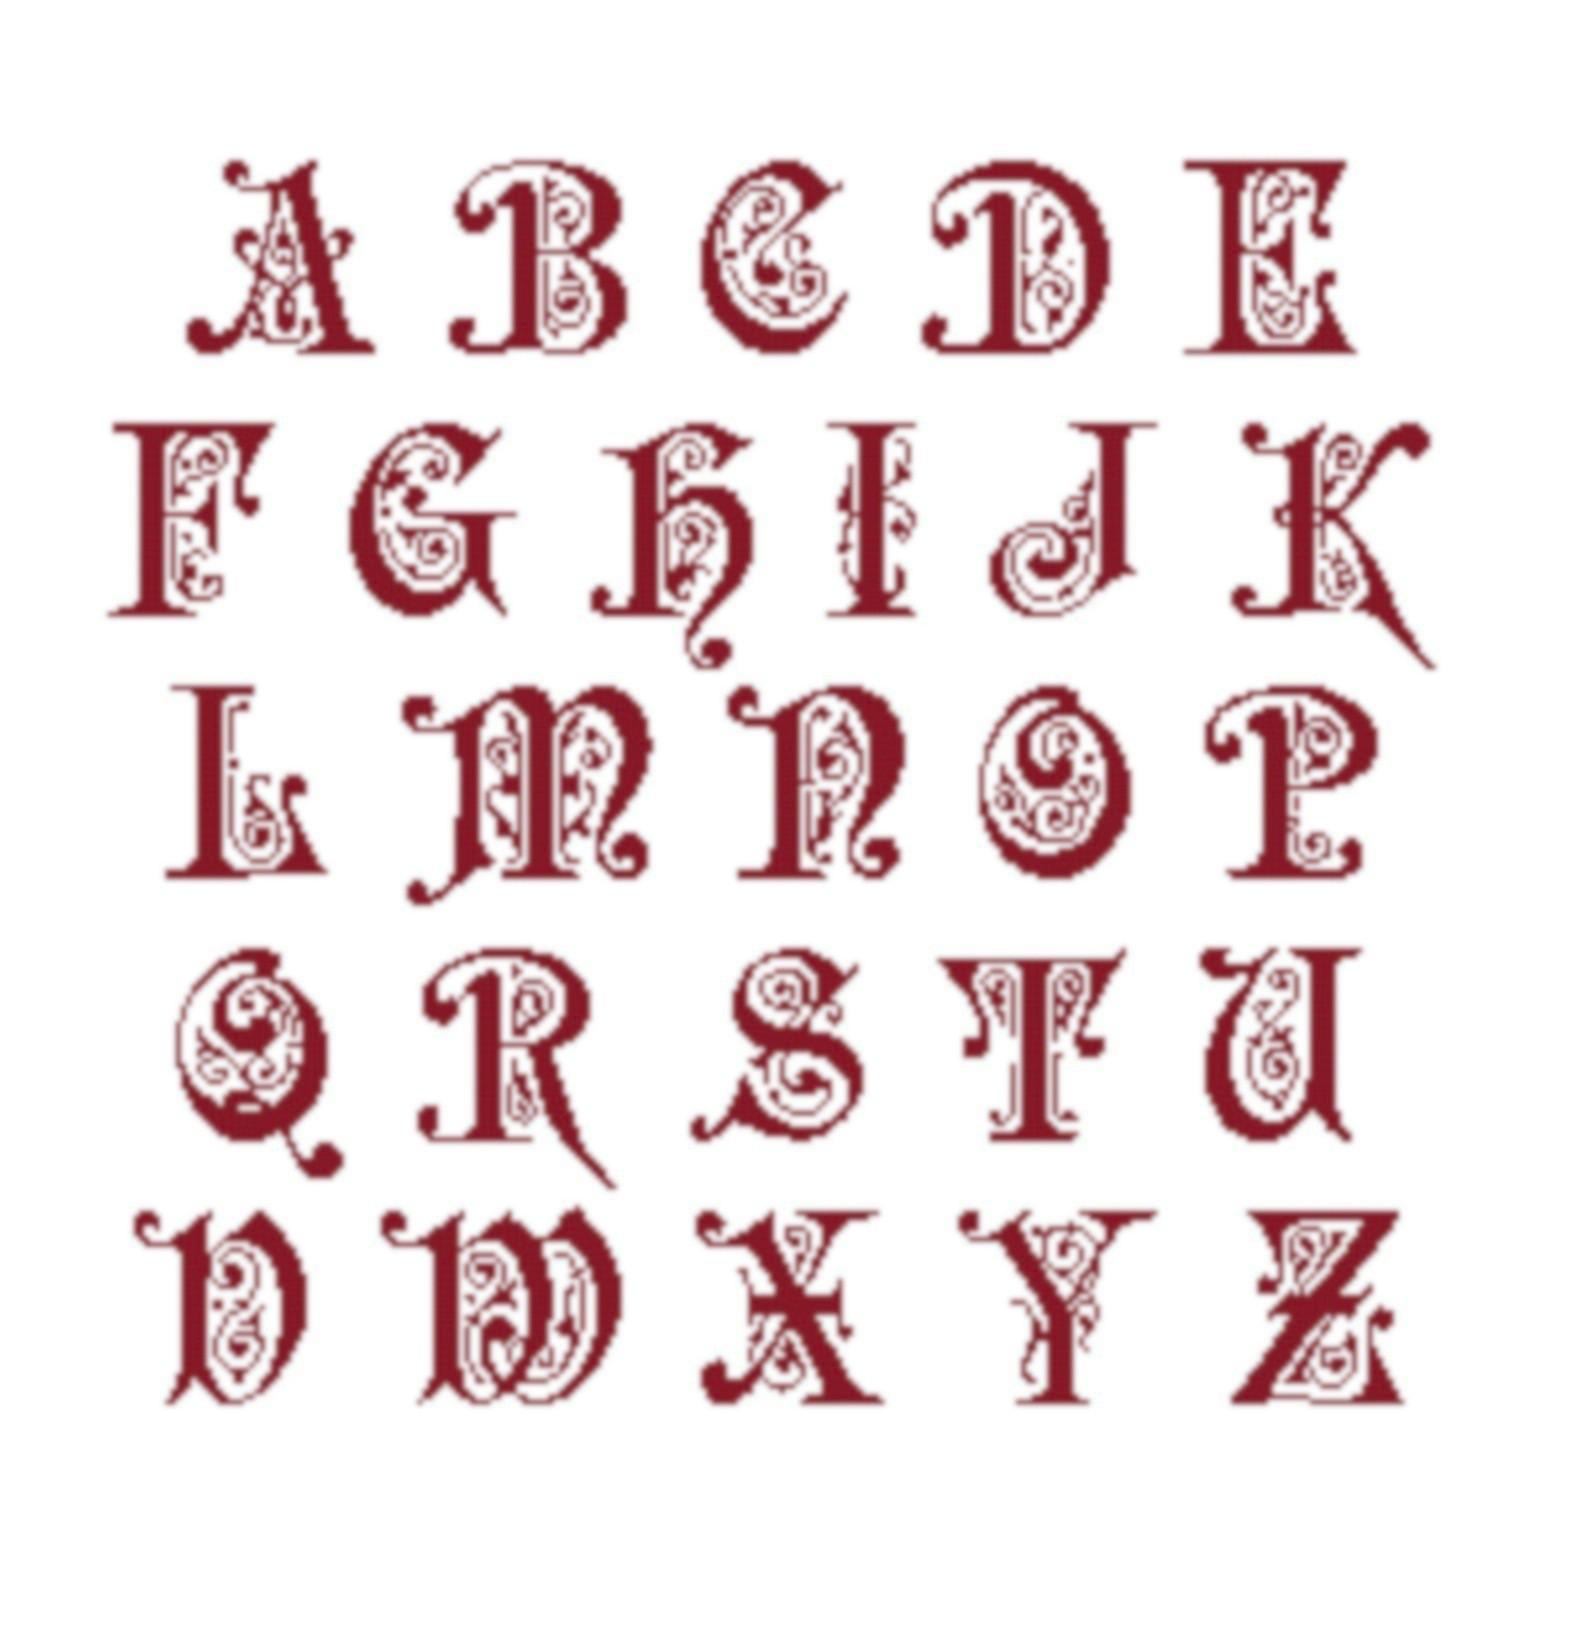 Fiche Broderie Alphabet Preciosa En Pdf A Telecharger Et A Broder Au Point De Croix Ideecreation